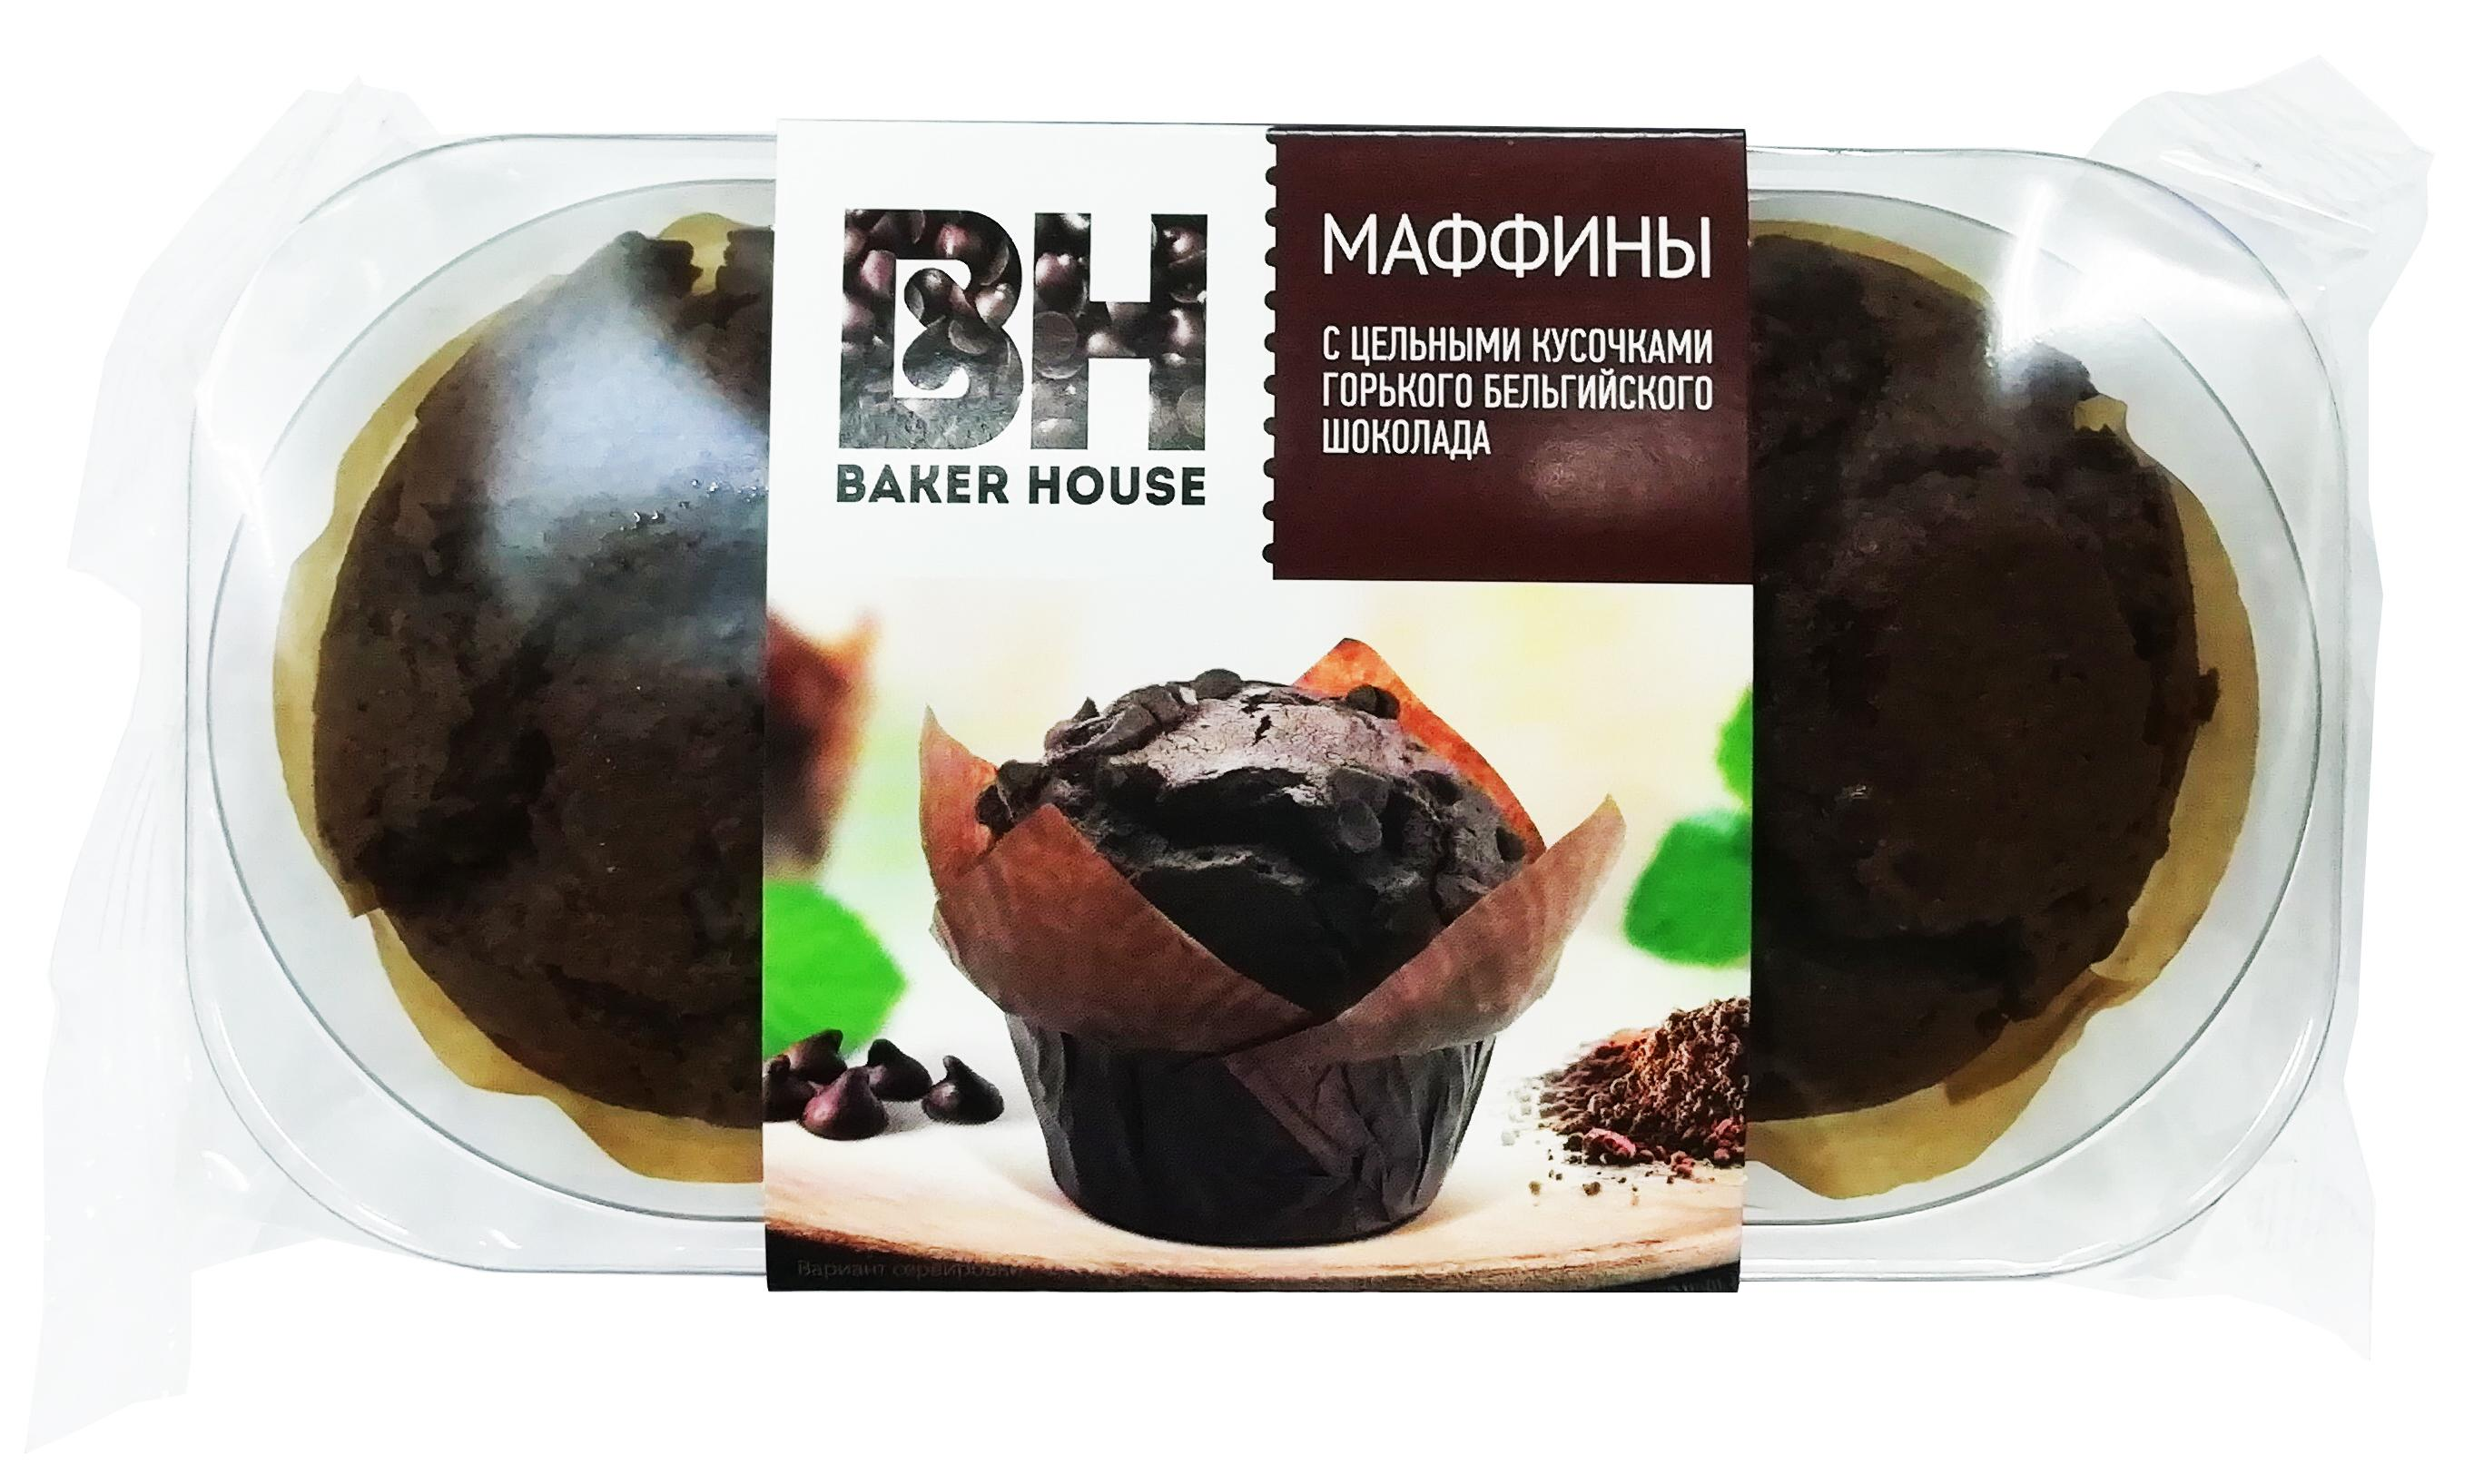 Маффин Baker Hause С цельными кусочками горького шоколада